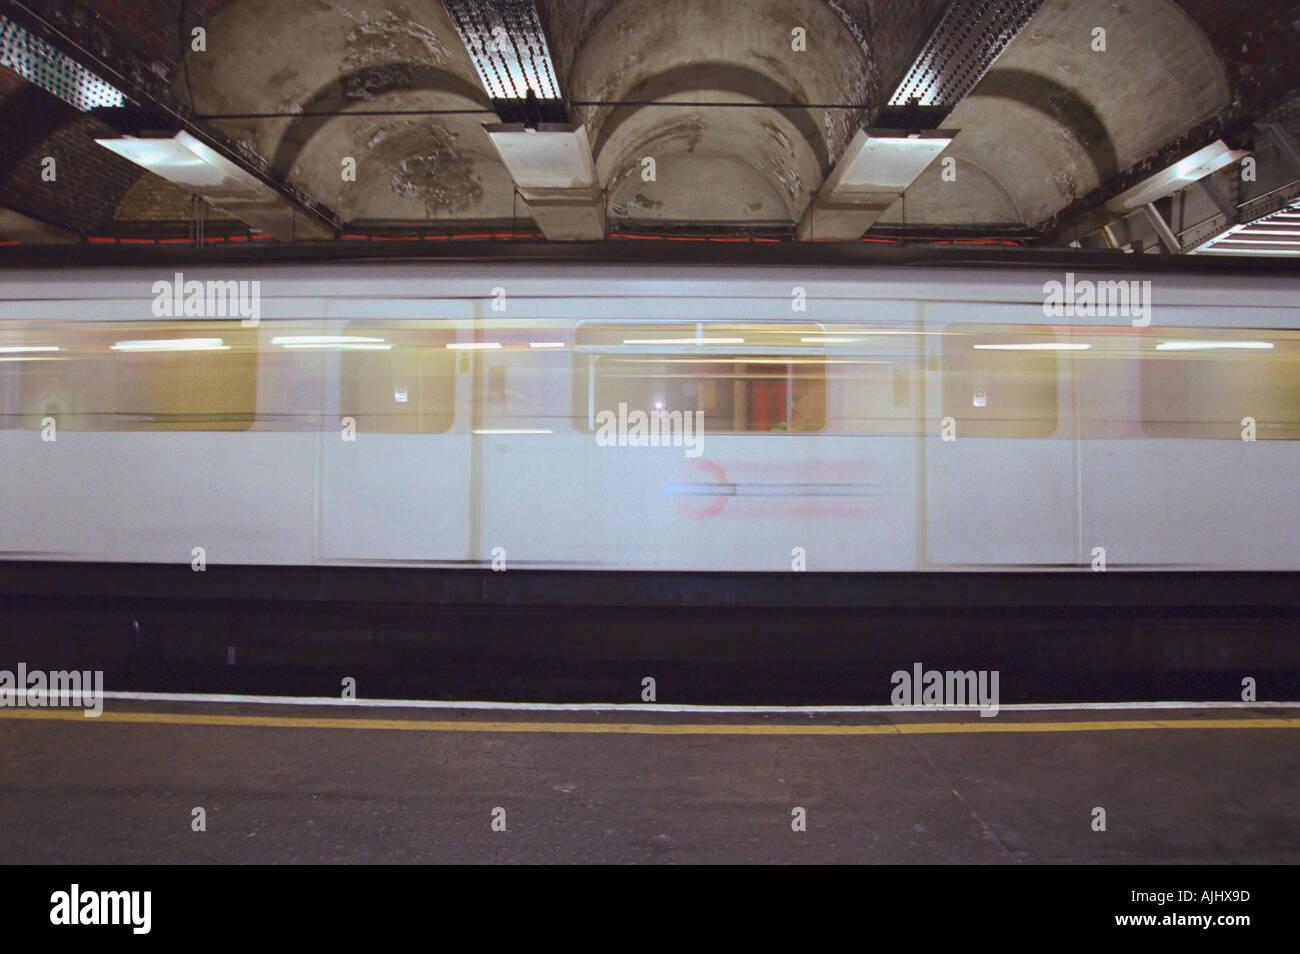 Blurred subway train - Stock Image